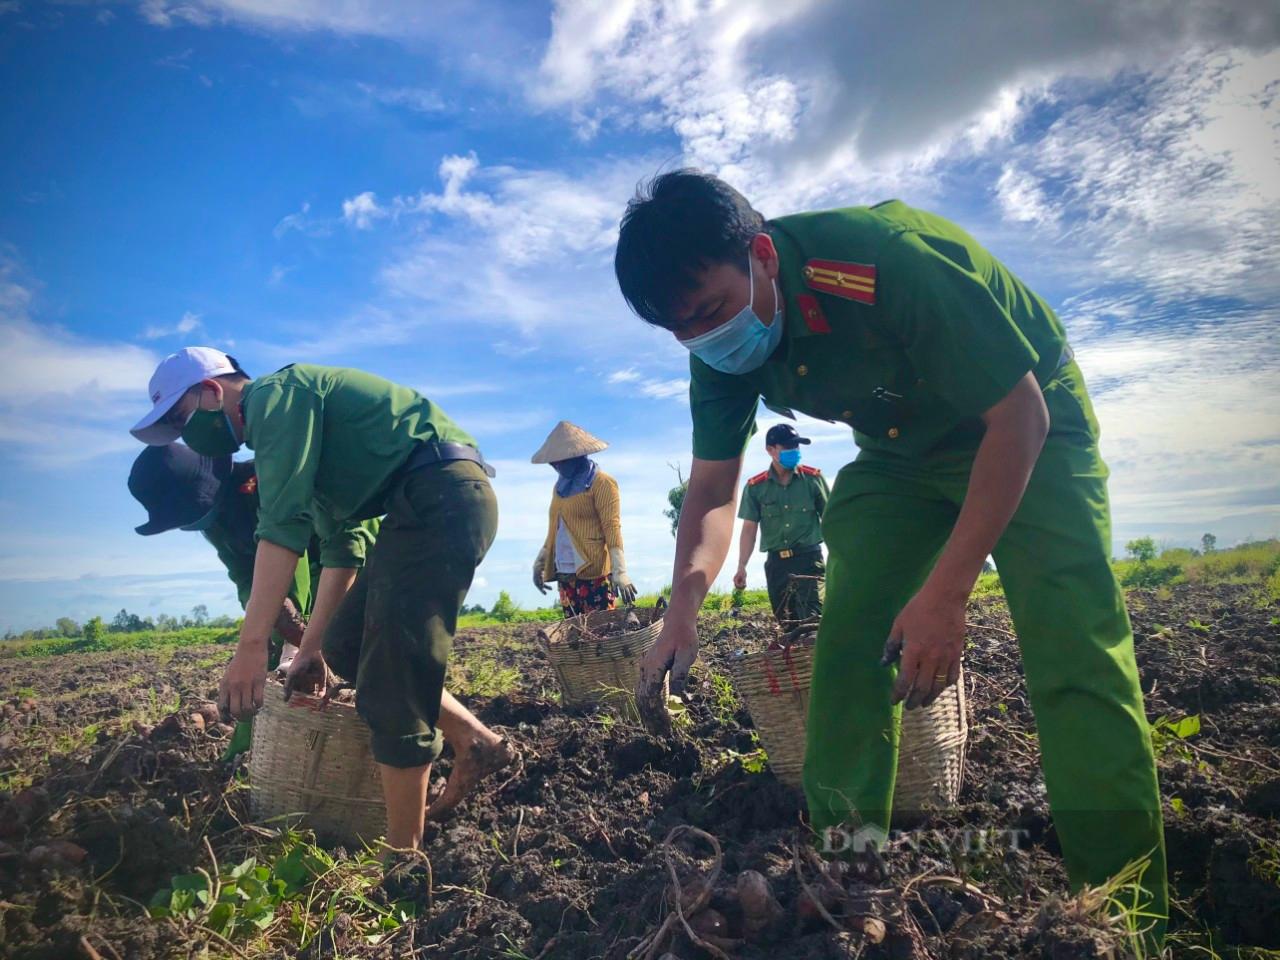 Công an huyện Giồng Riềng giúp nông dân tiêu thụ gần 180 tấn khoai lang - Ảnh 1.